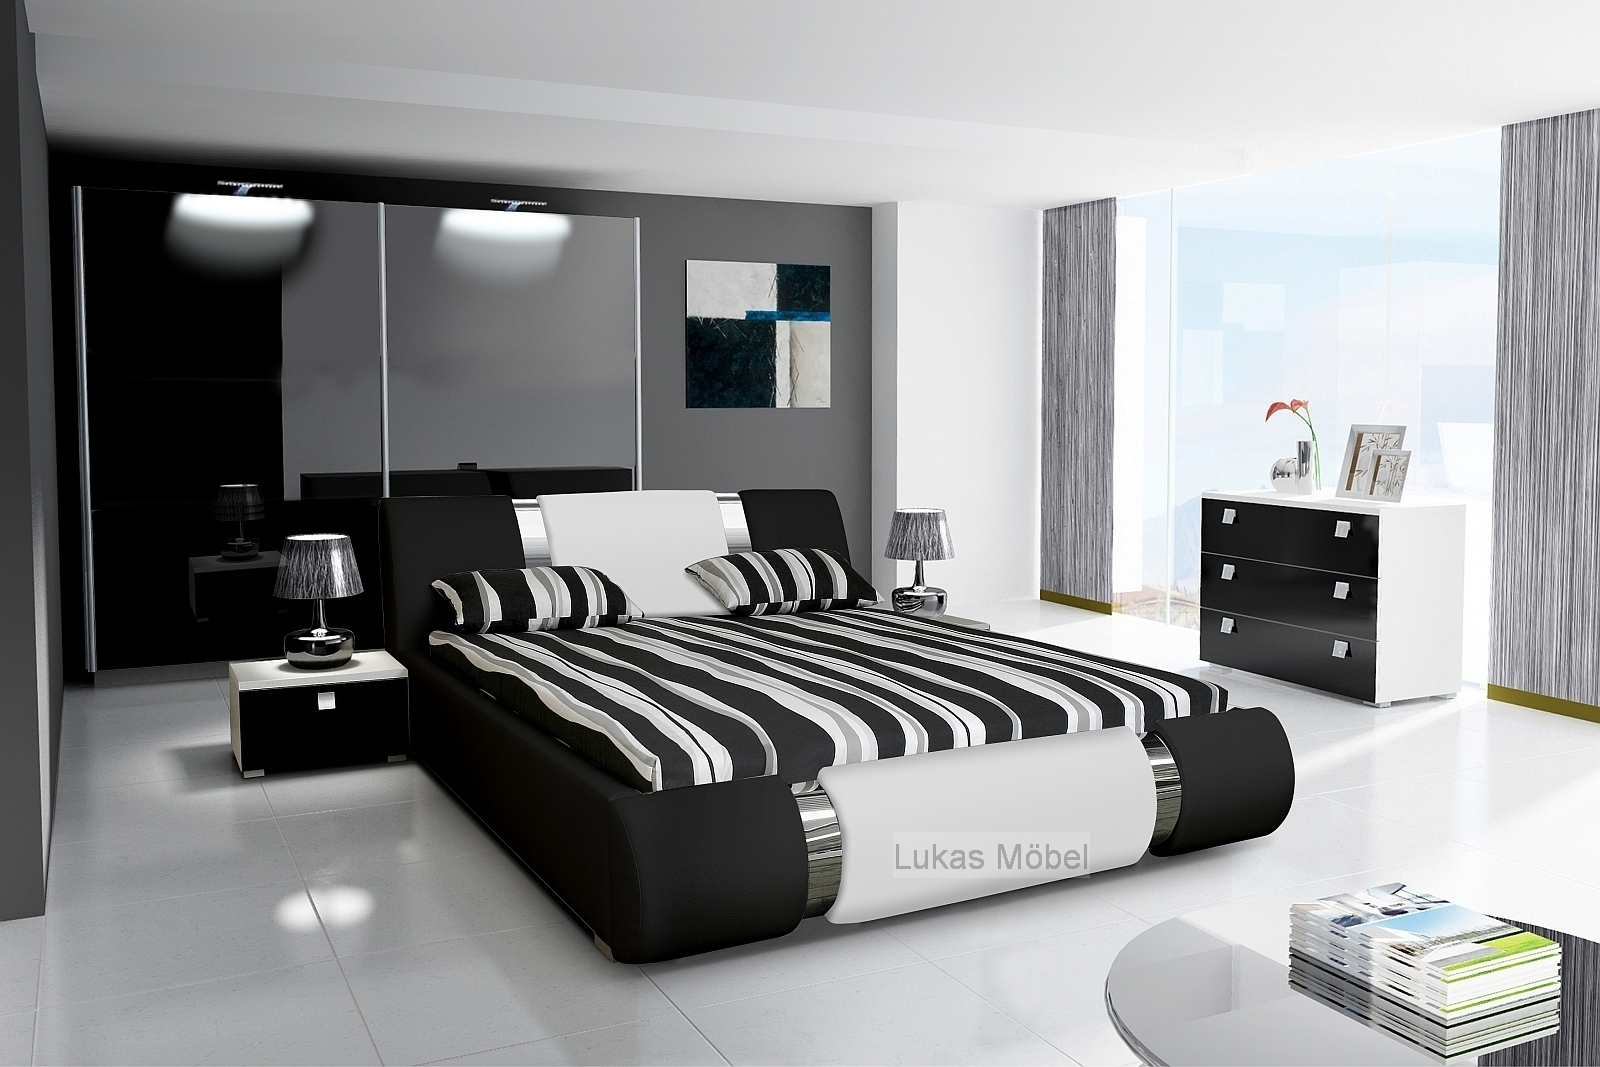 Extrem Komplett Schlafzimmer NOVALIS Hochglanz schwarz / weiß ZY85